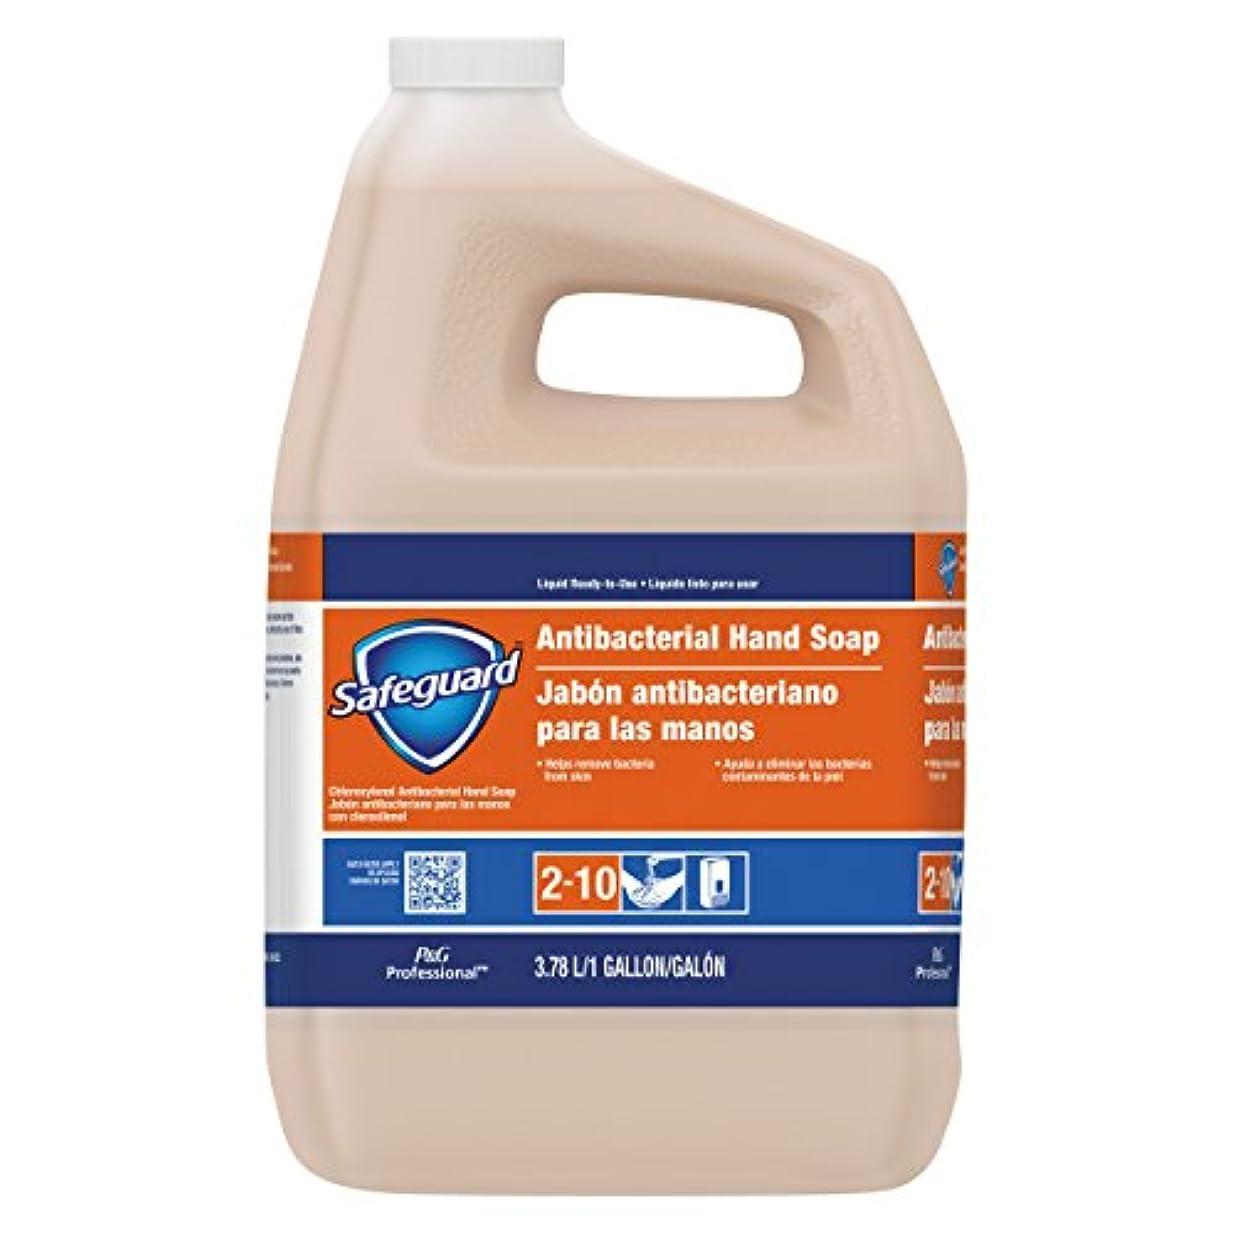 見つけた学んだ破産Safeguard抗菌Liquid Hand Soap , 1 galボトル、2 /カートン